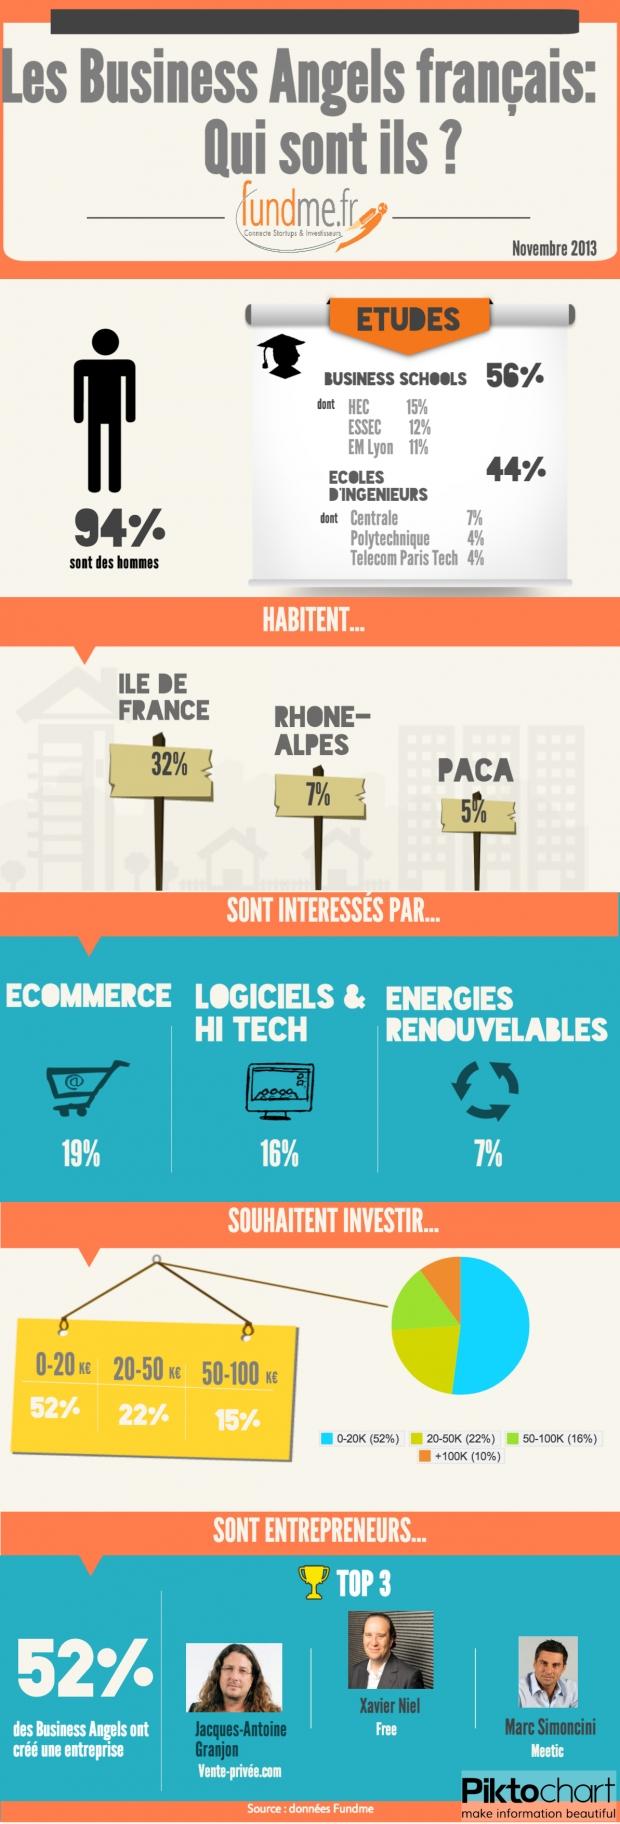 Infographie Fundme - Les Business Angels français